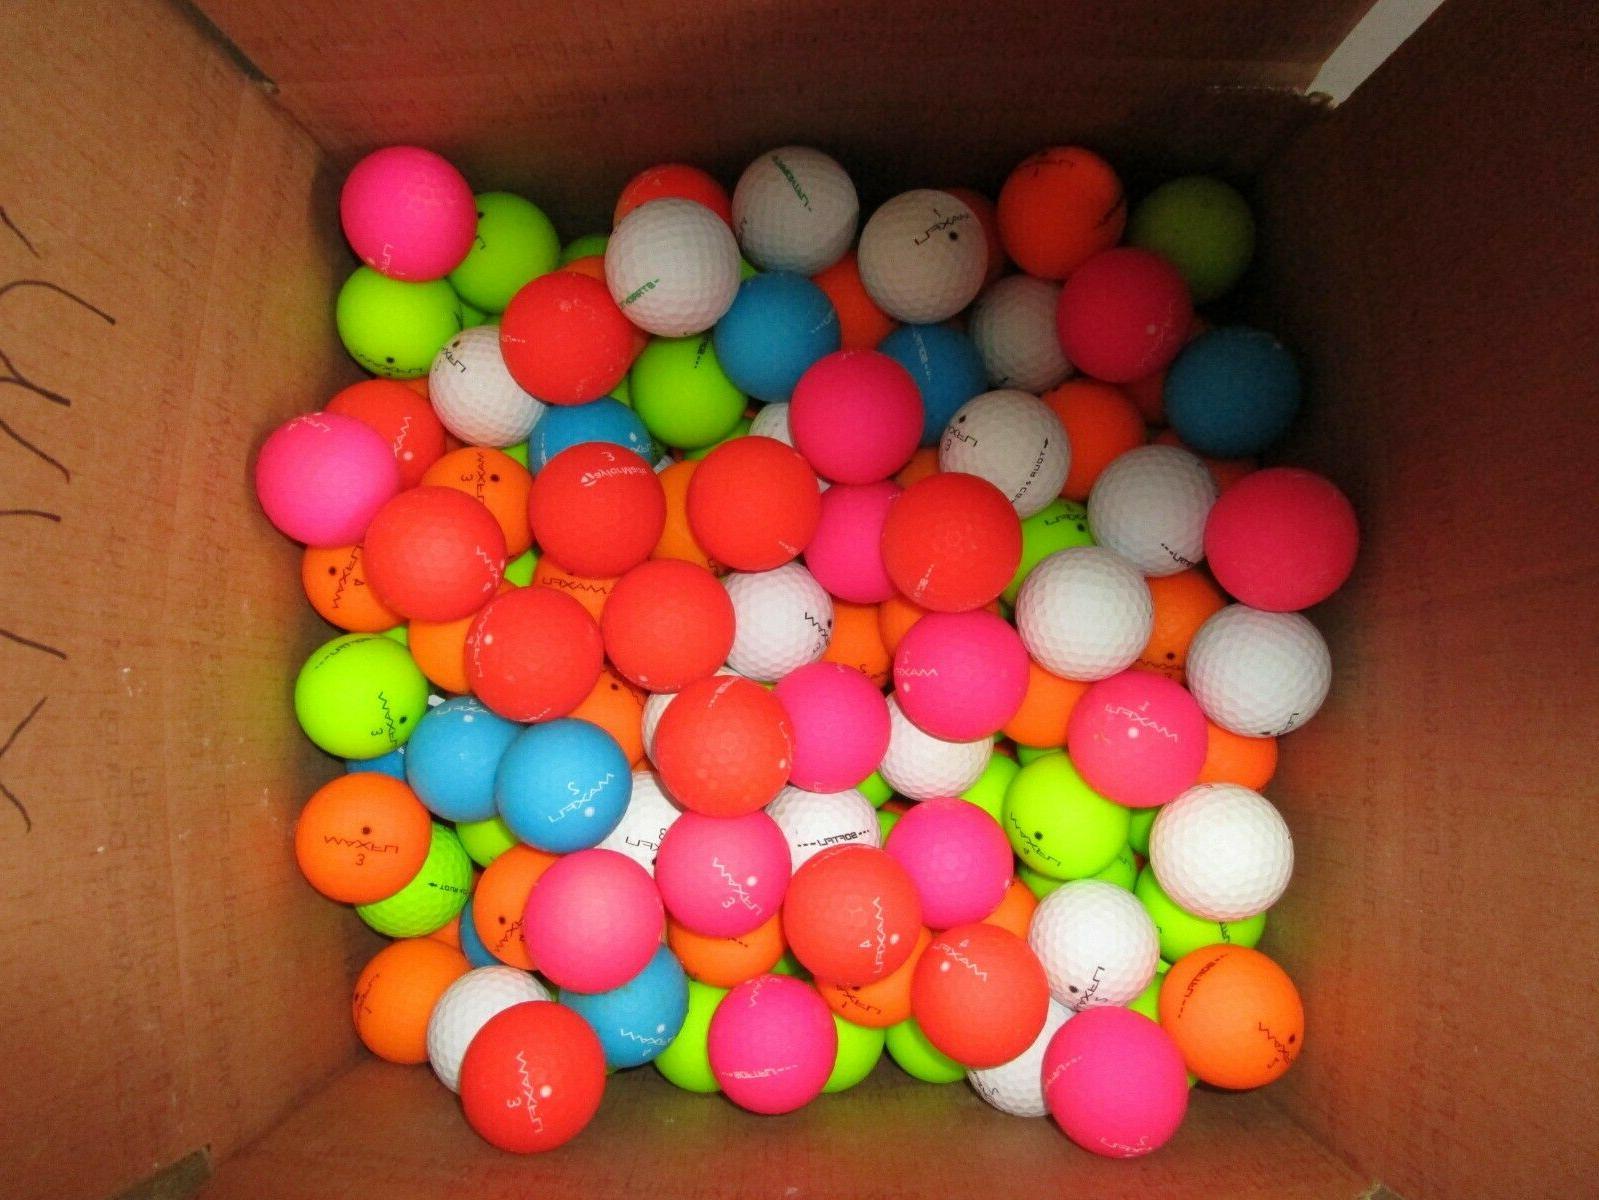 36 orange matte golf ball mix in